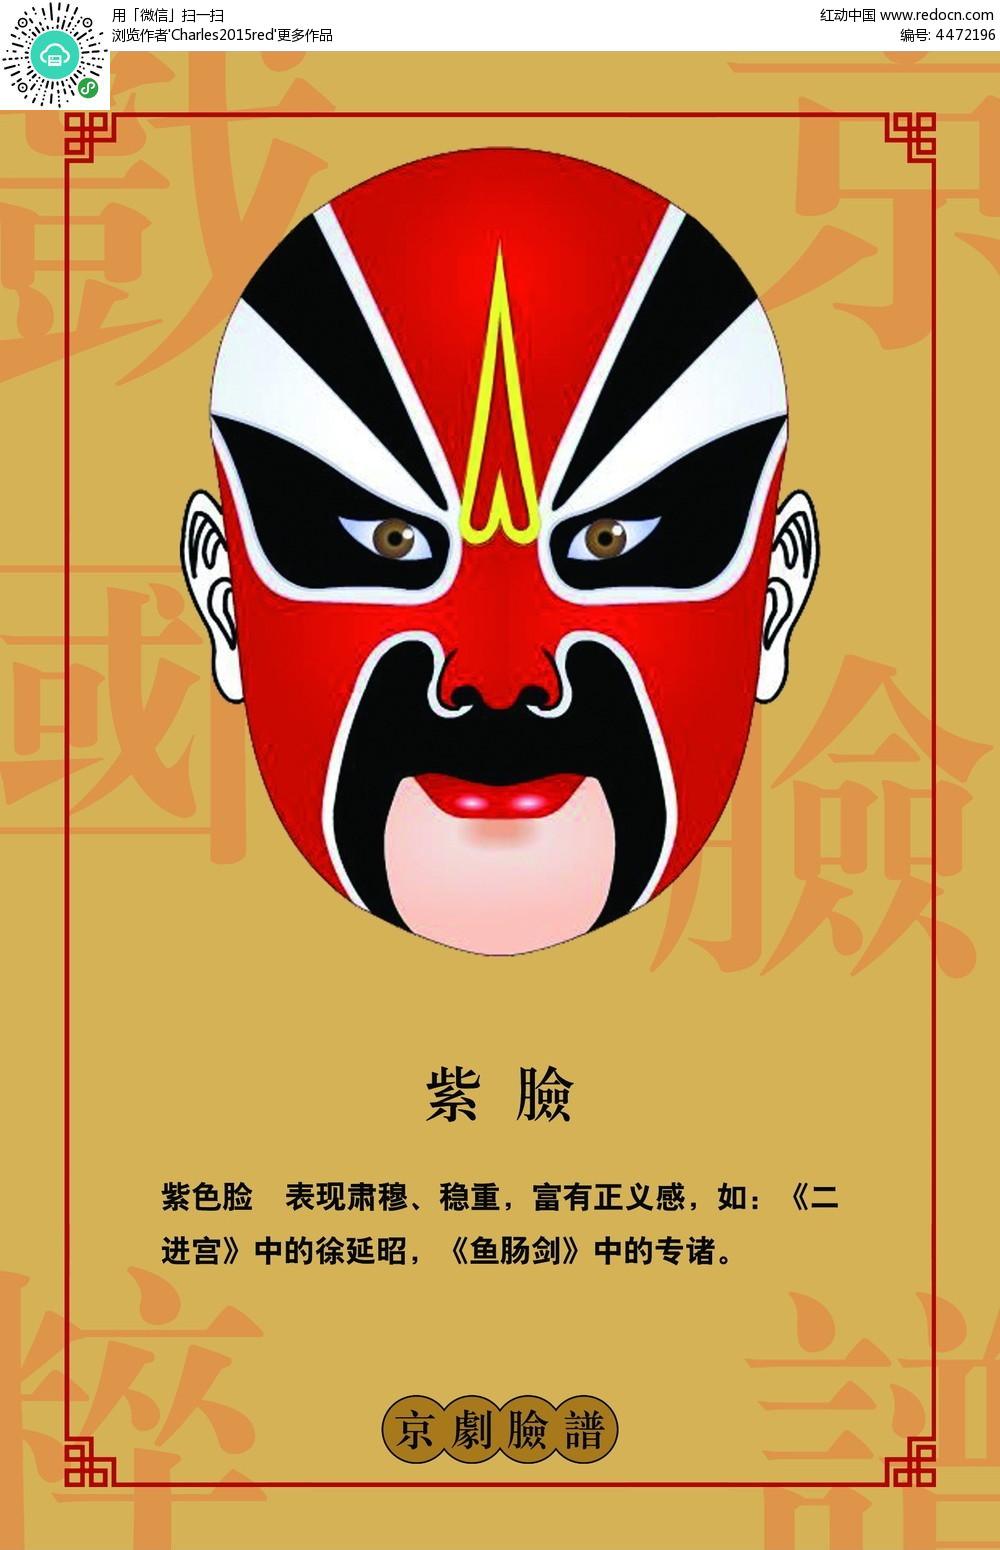 京剧脸谱介绍展板图片